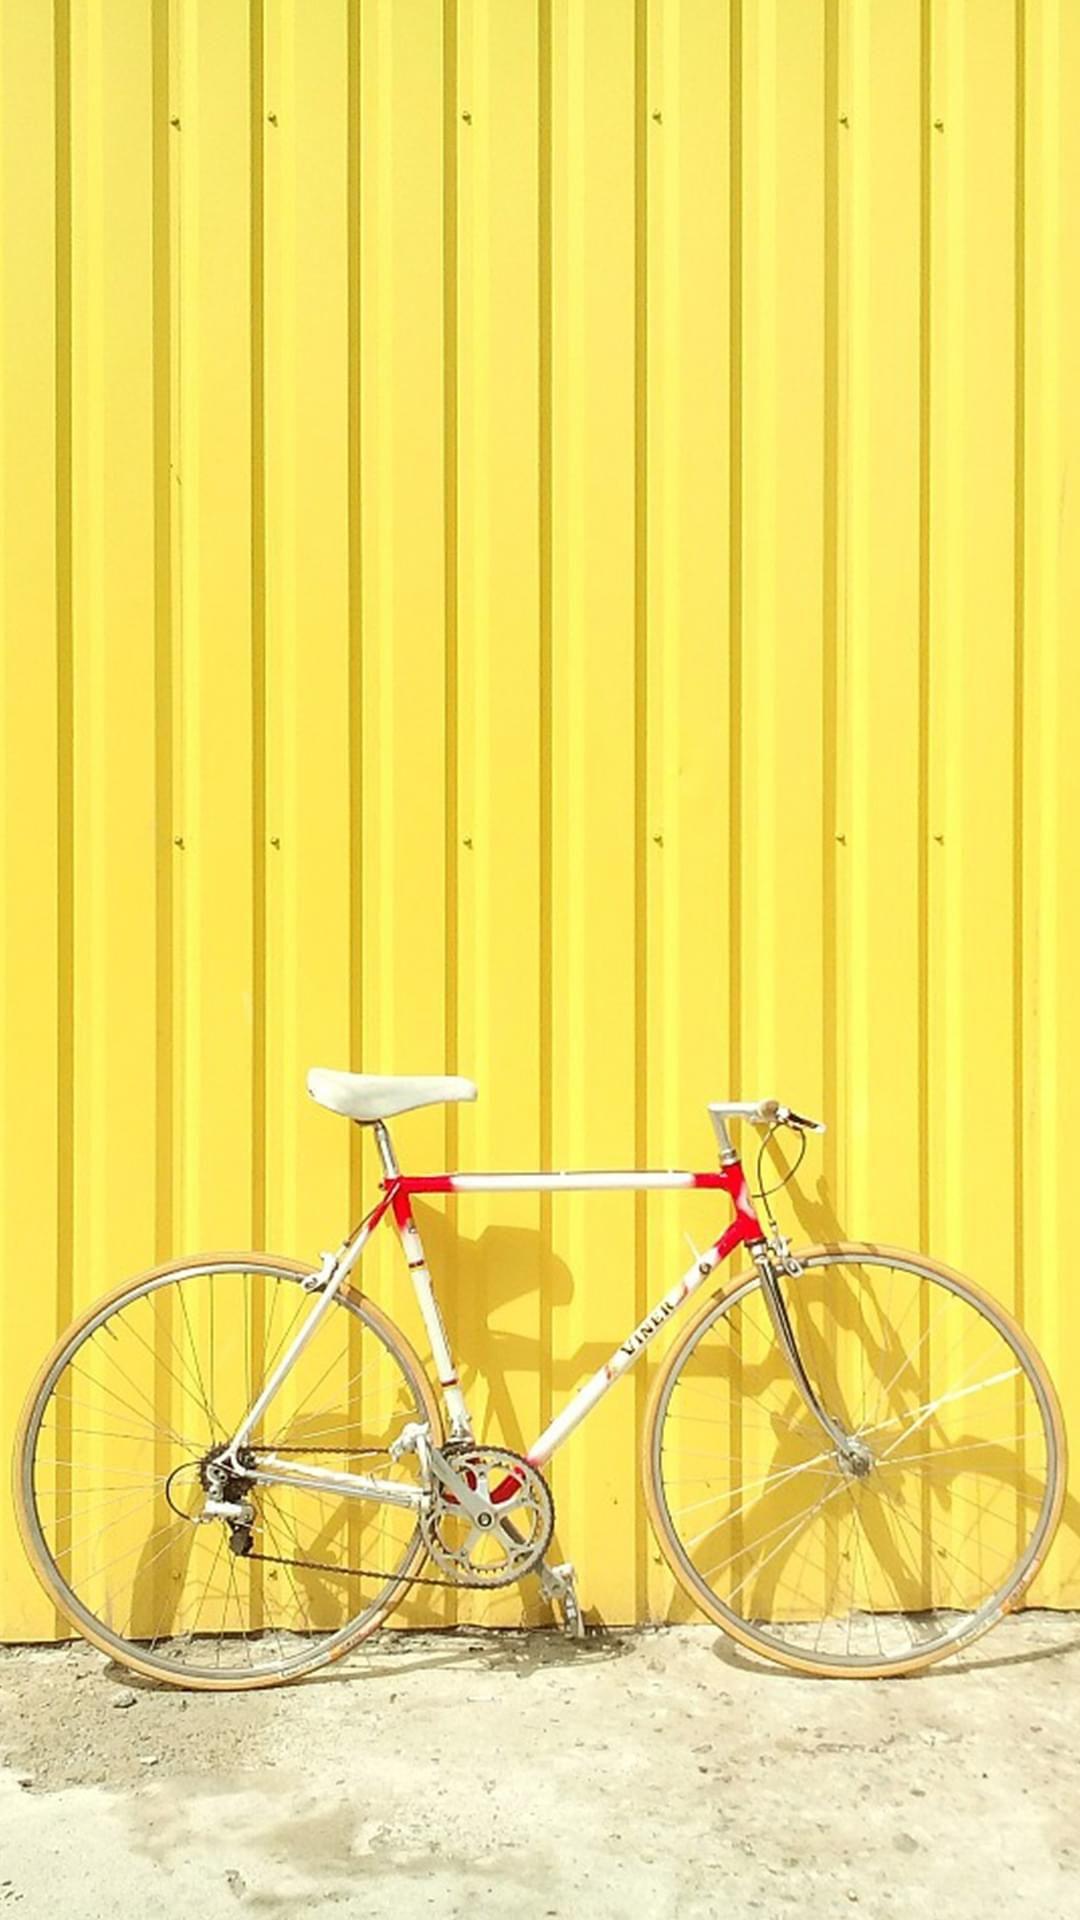 31 Yellow Wallpaper Ideas Yellow Wallpaper Wallpaper Yellow